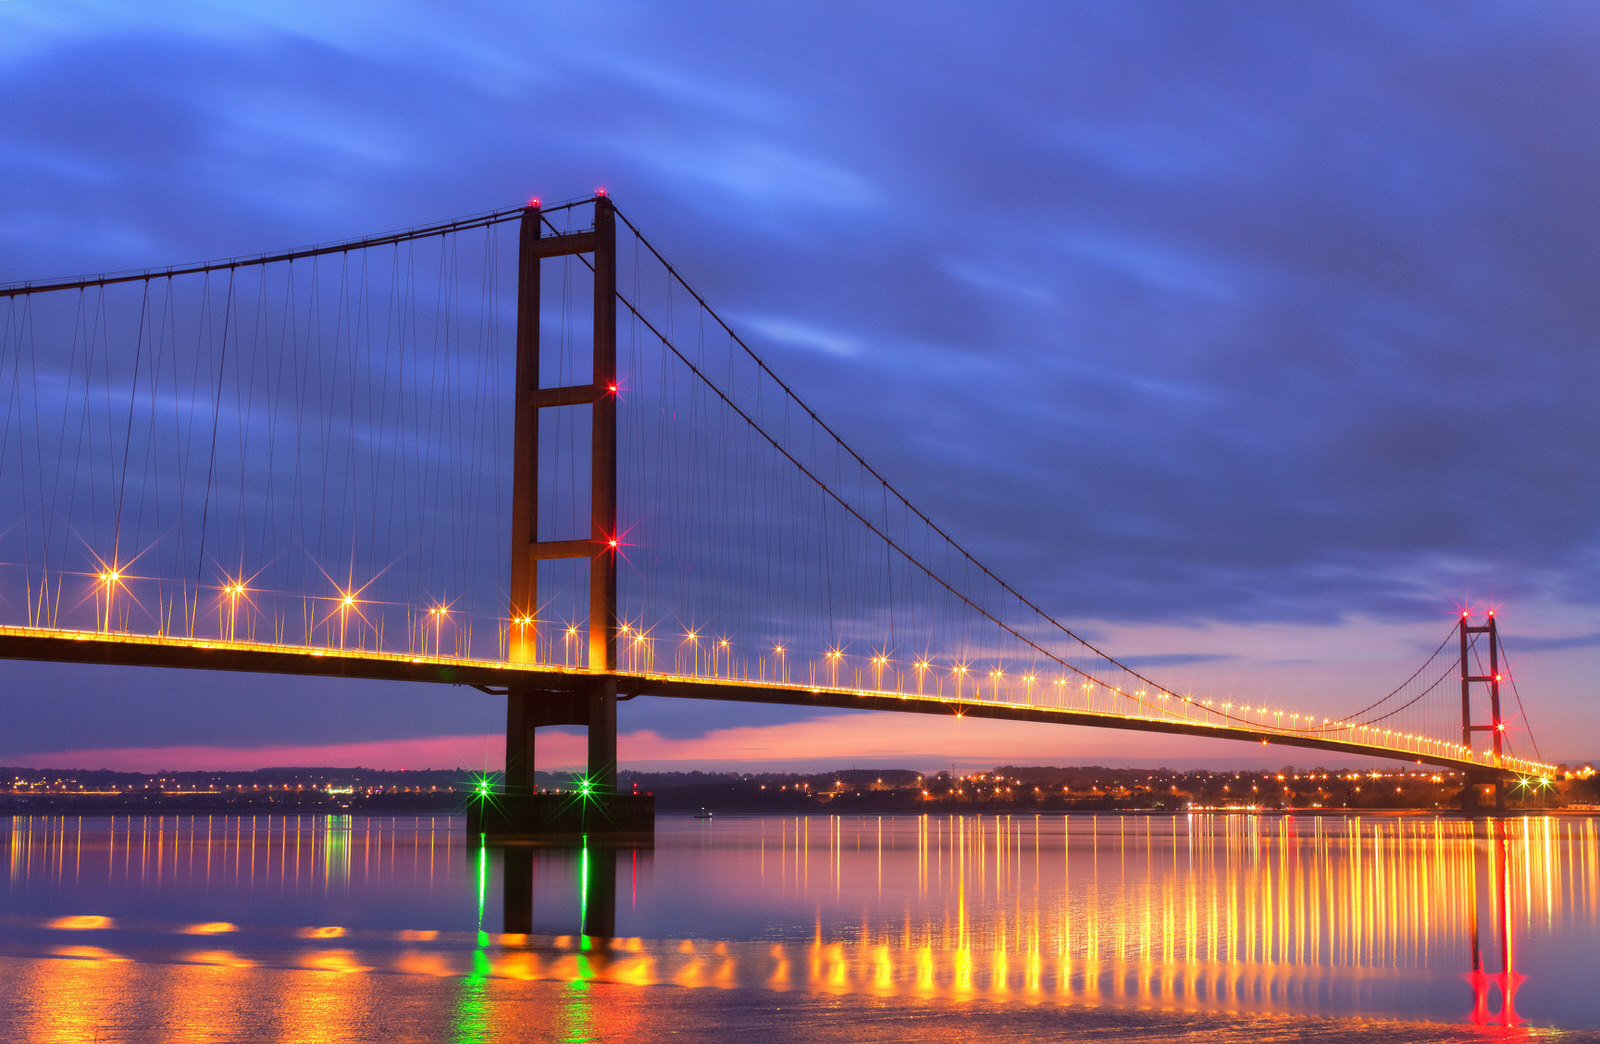 Humber Bridge Night